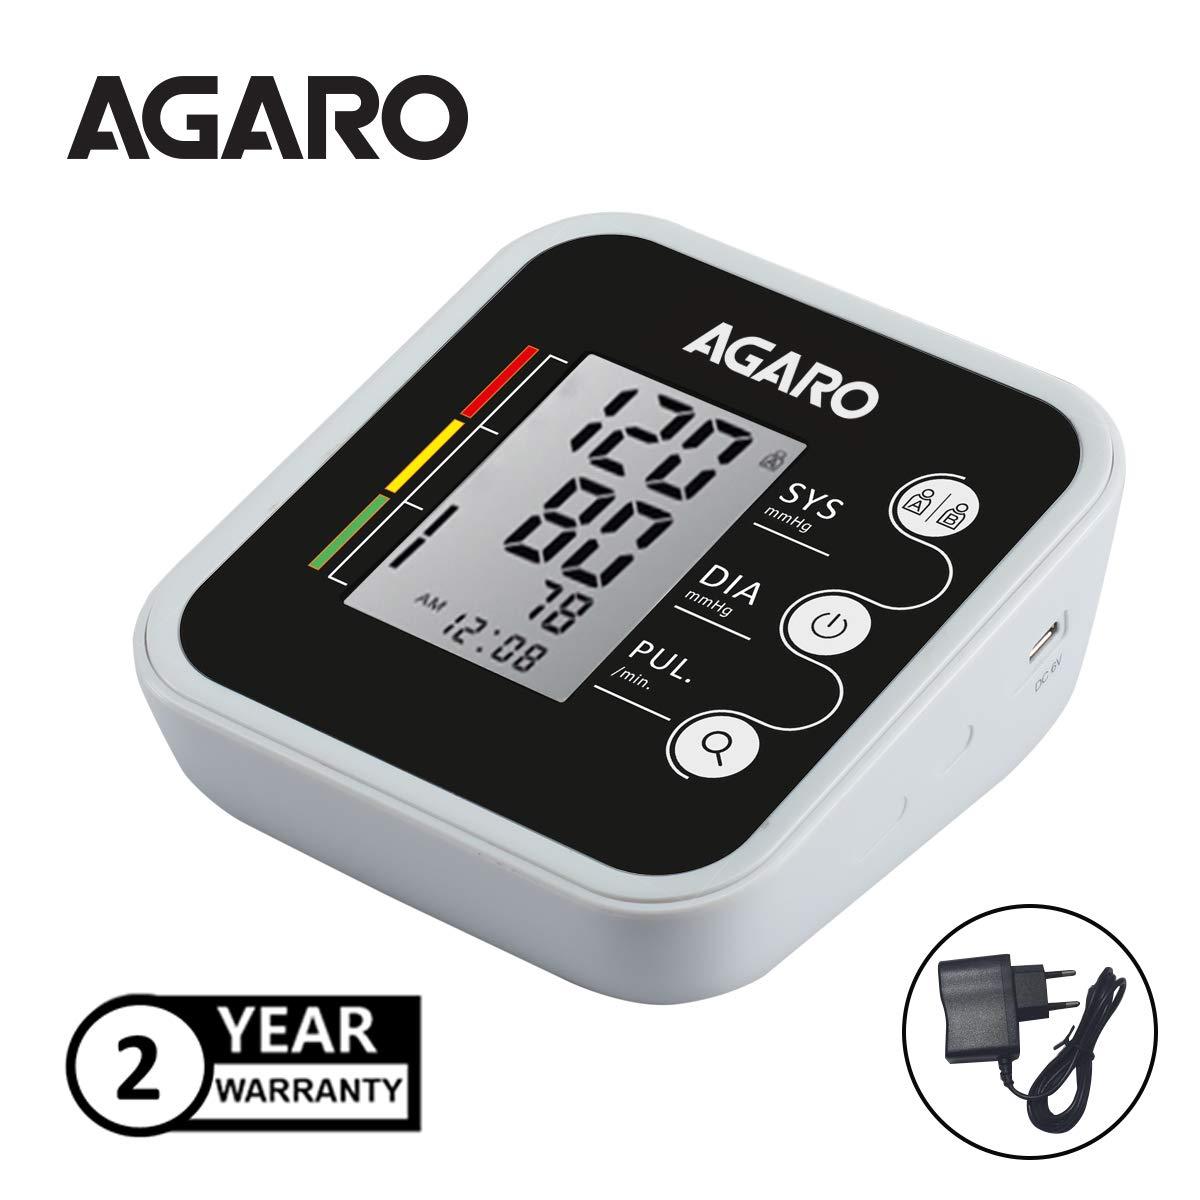 AGARO BP-501A